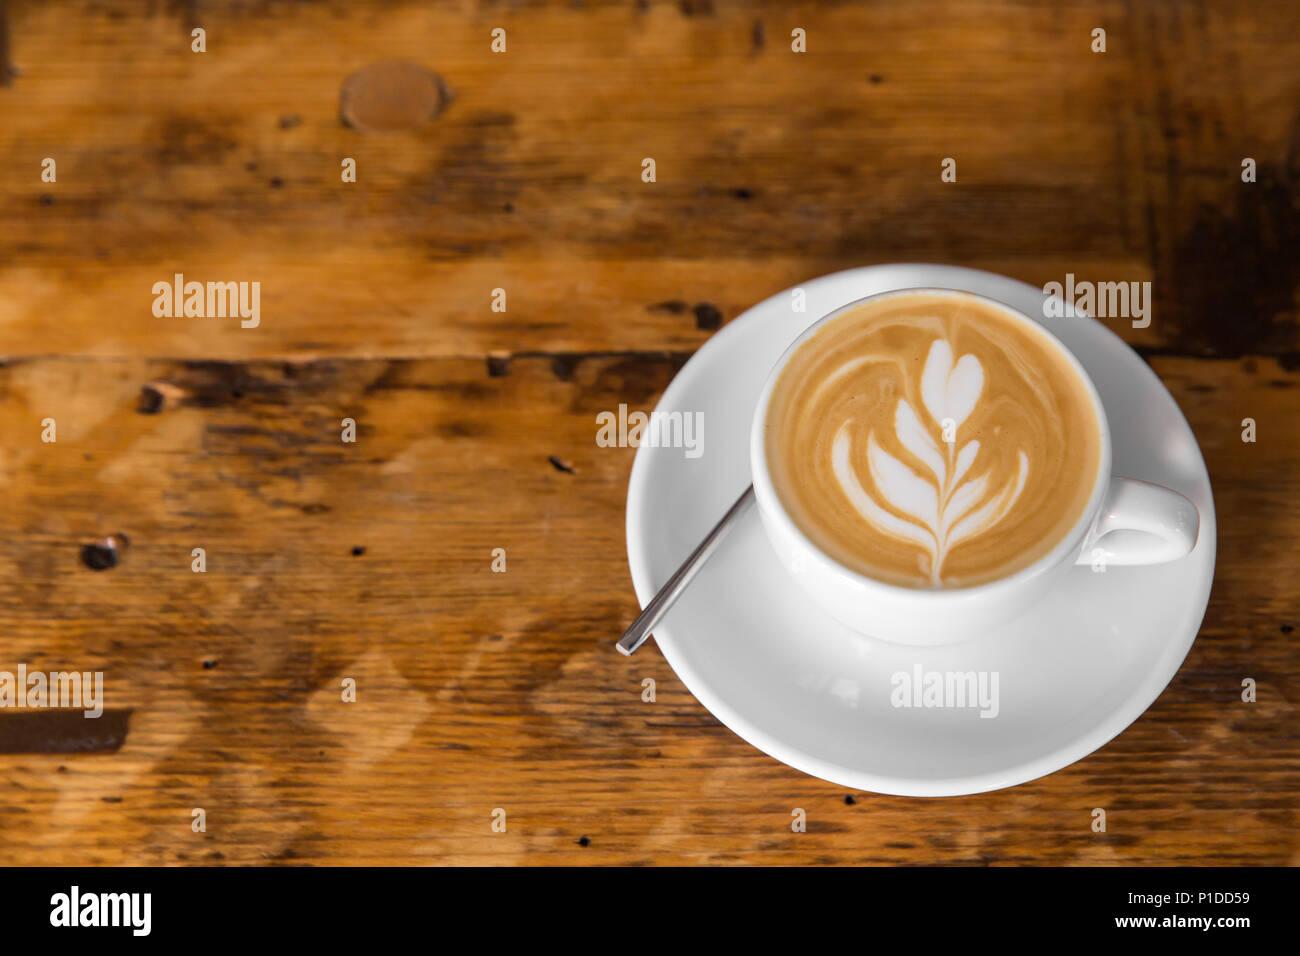 Tazza di caffè per andare sul tavolo di legno con latte art. Street caffè. spazio copia Immagini Stock